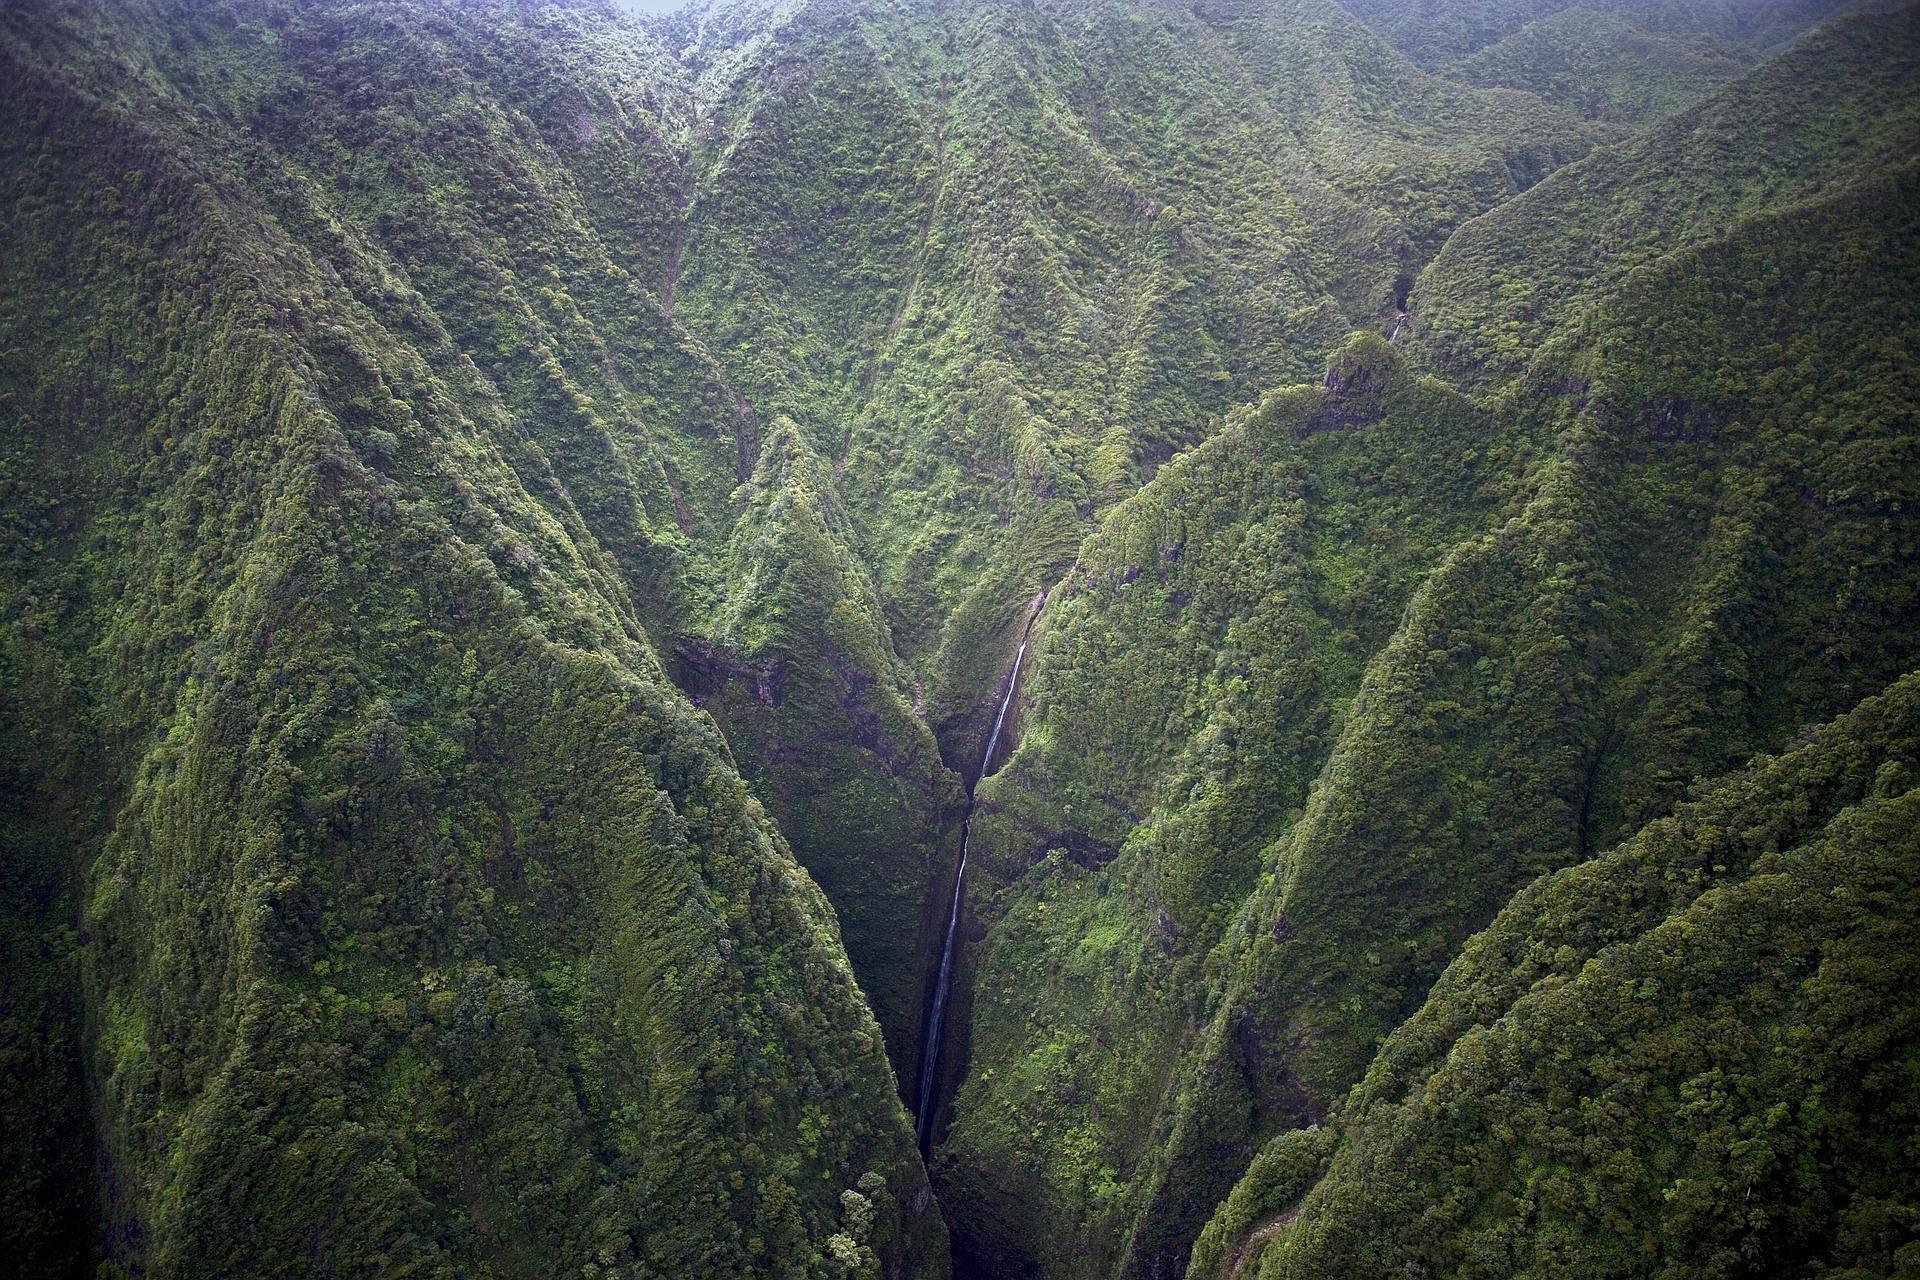 montagne verte avec des arbres de la nouvelle zeland